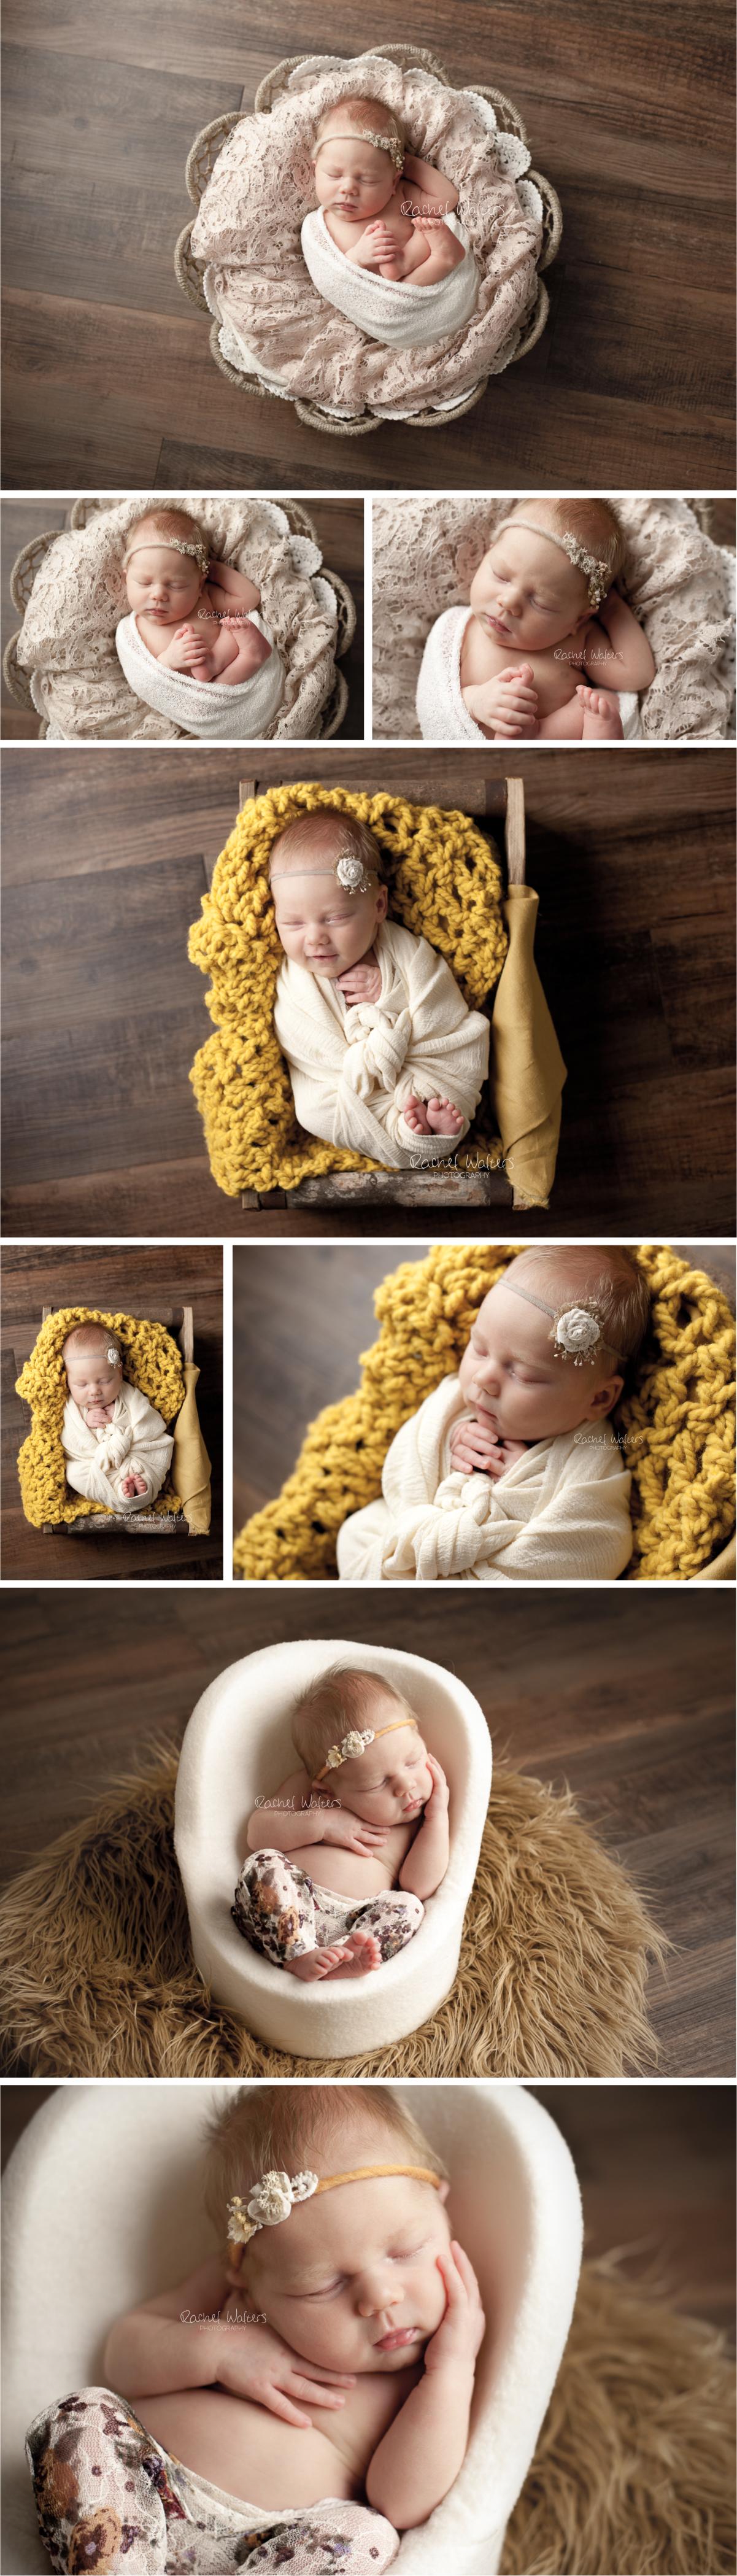 Chesterfield Michigan Newborn Photographer